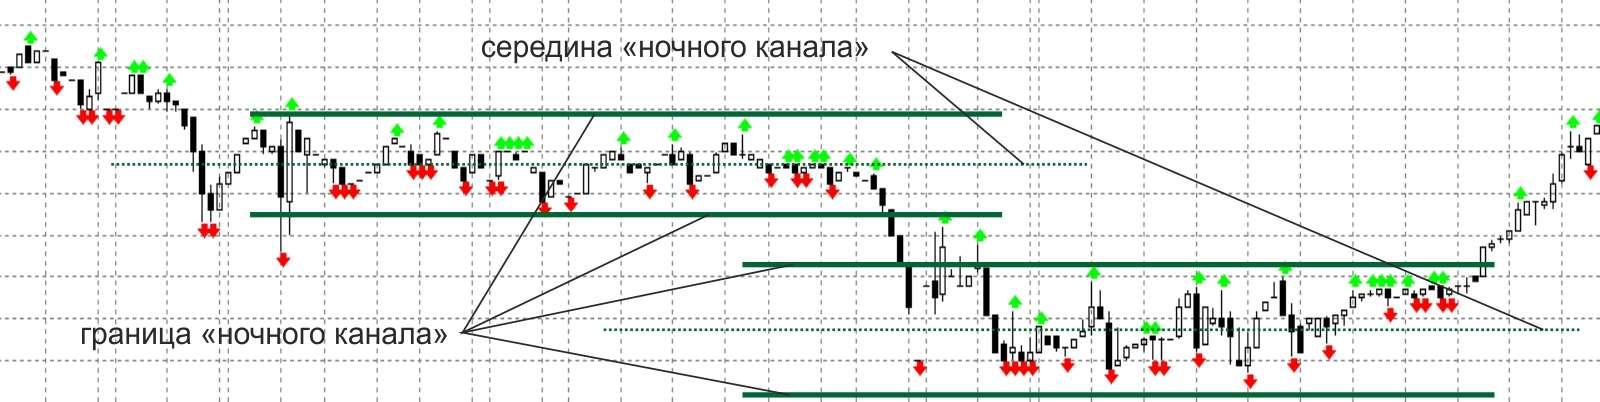 """Стратегия """"Ночной канал"""" для бинарных опционов"""